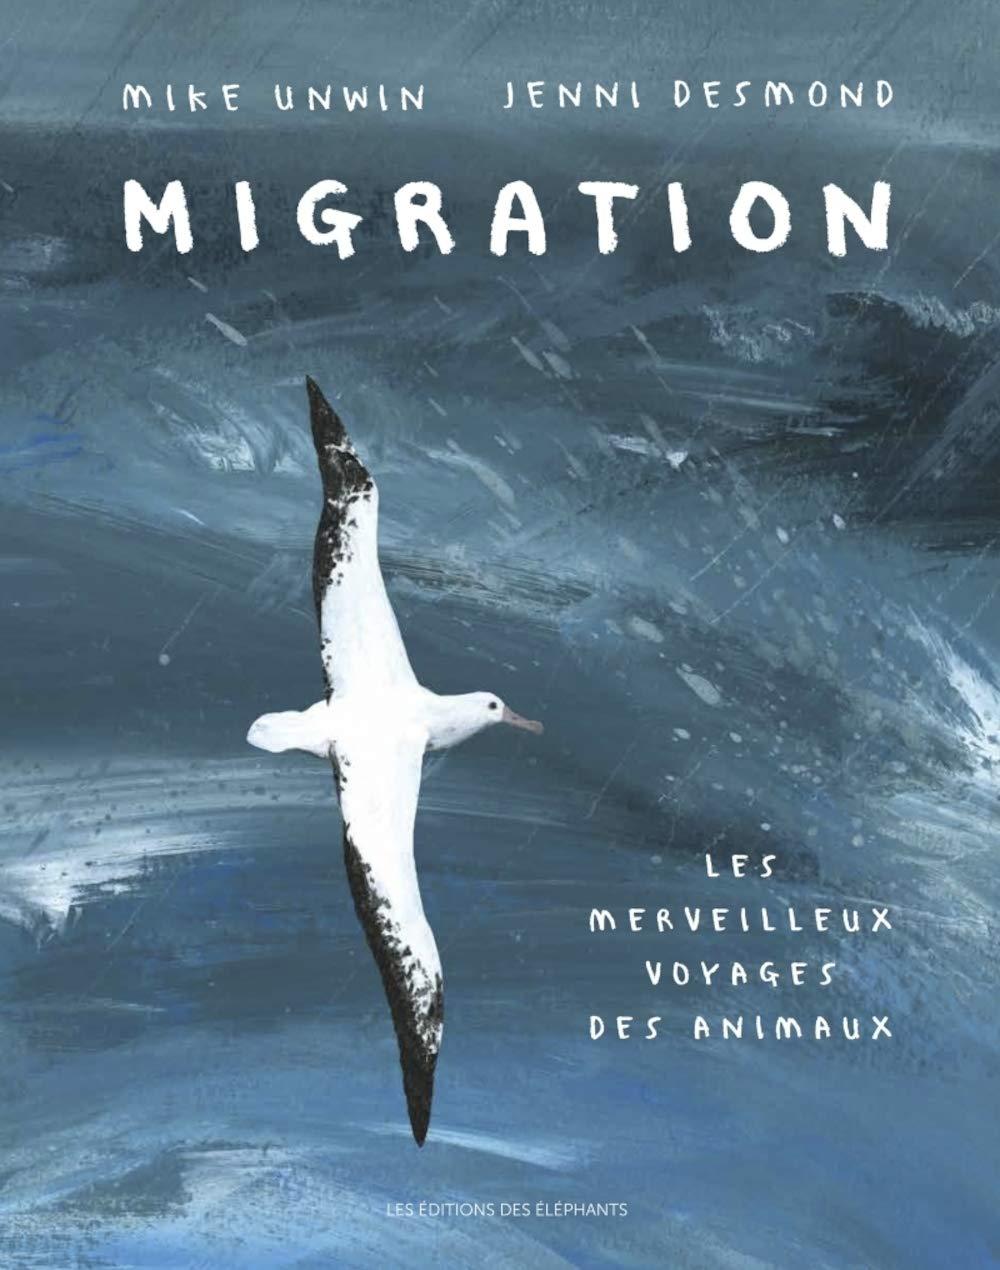 Migration: Merveilleux voyages des animaux (Les): Amazon.ca: Unwin, Mike, Desmond, Jenni, Cordin, Sébastien: Books